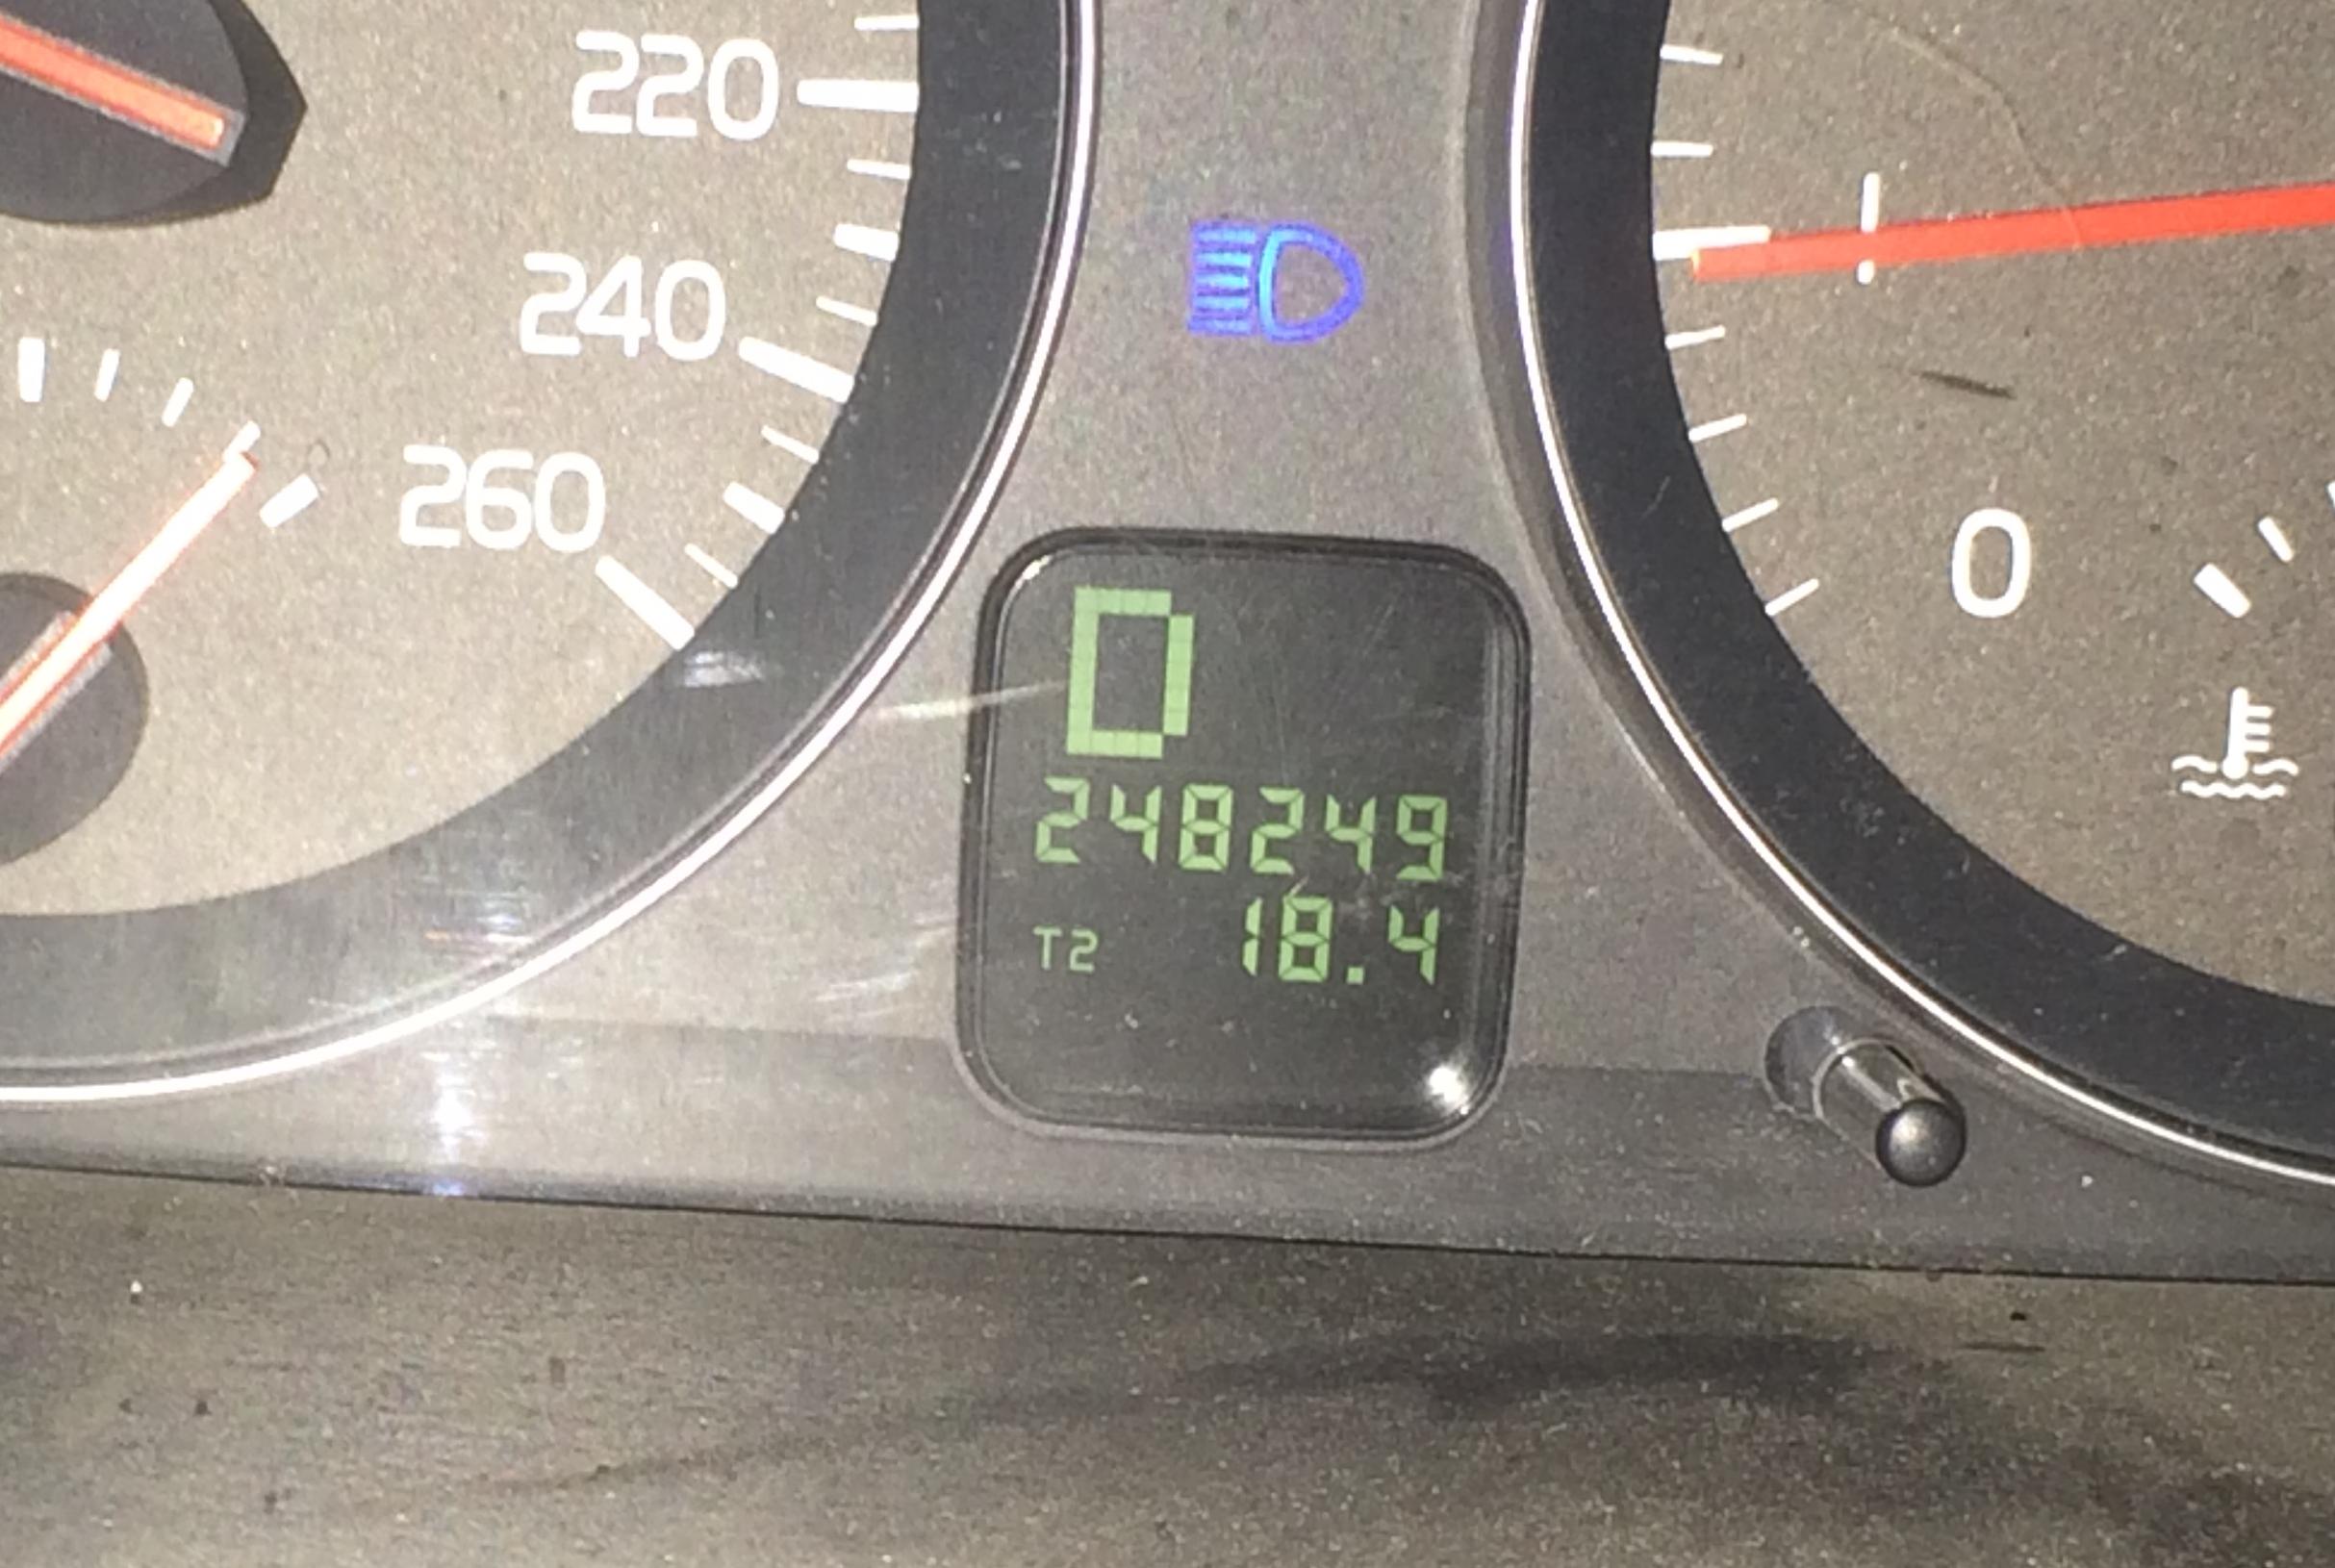 Volvo odometer-1413.JPG